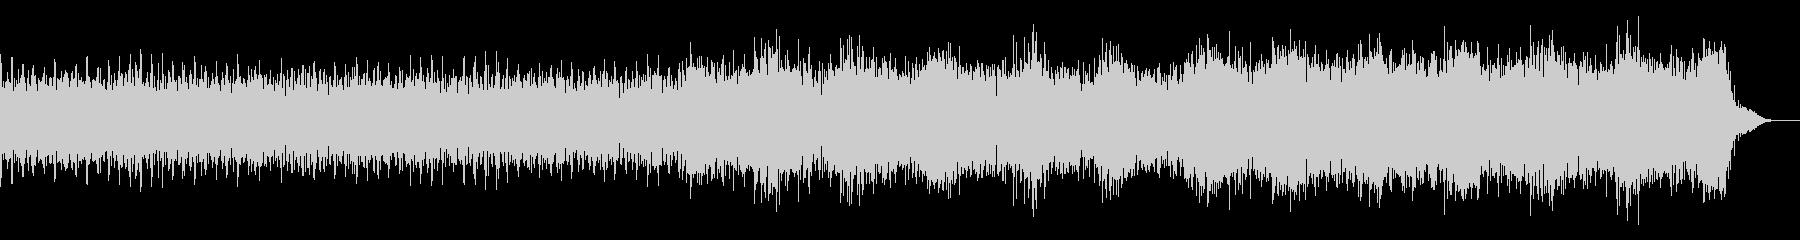 【ニュース系3】シンセ、無機質、坦々aの未再生の波形